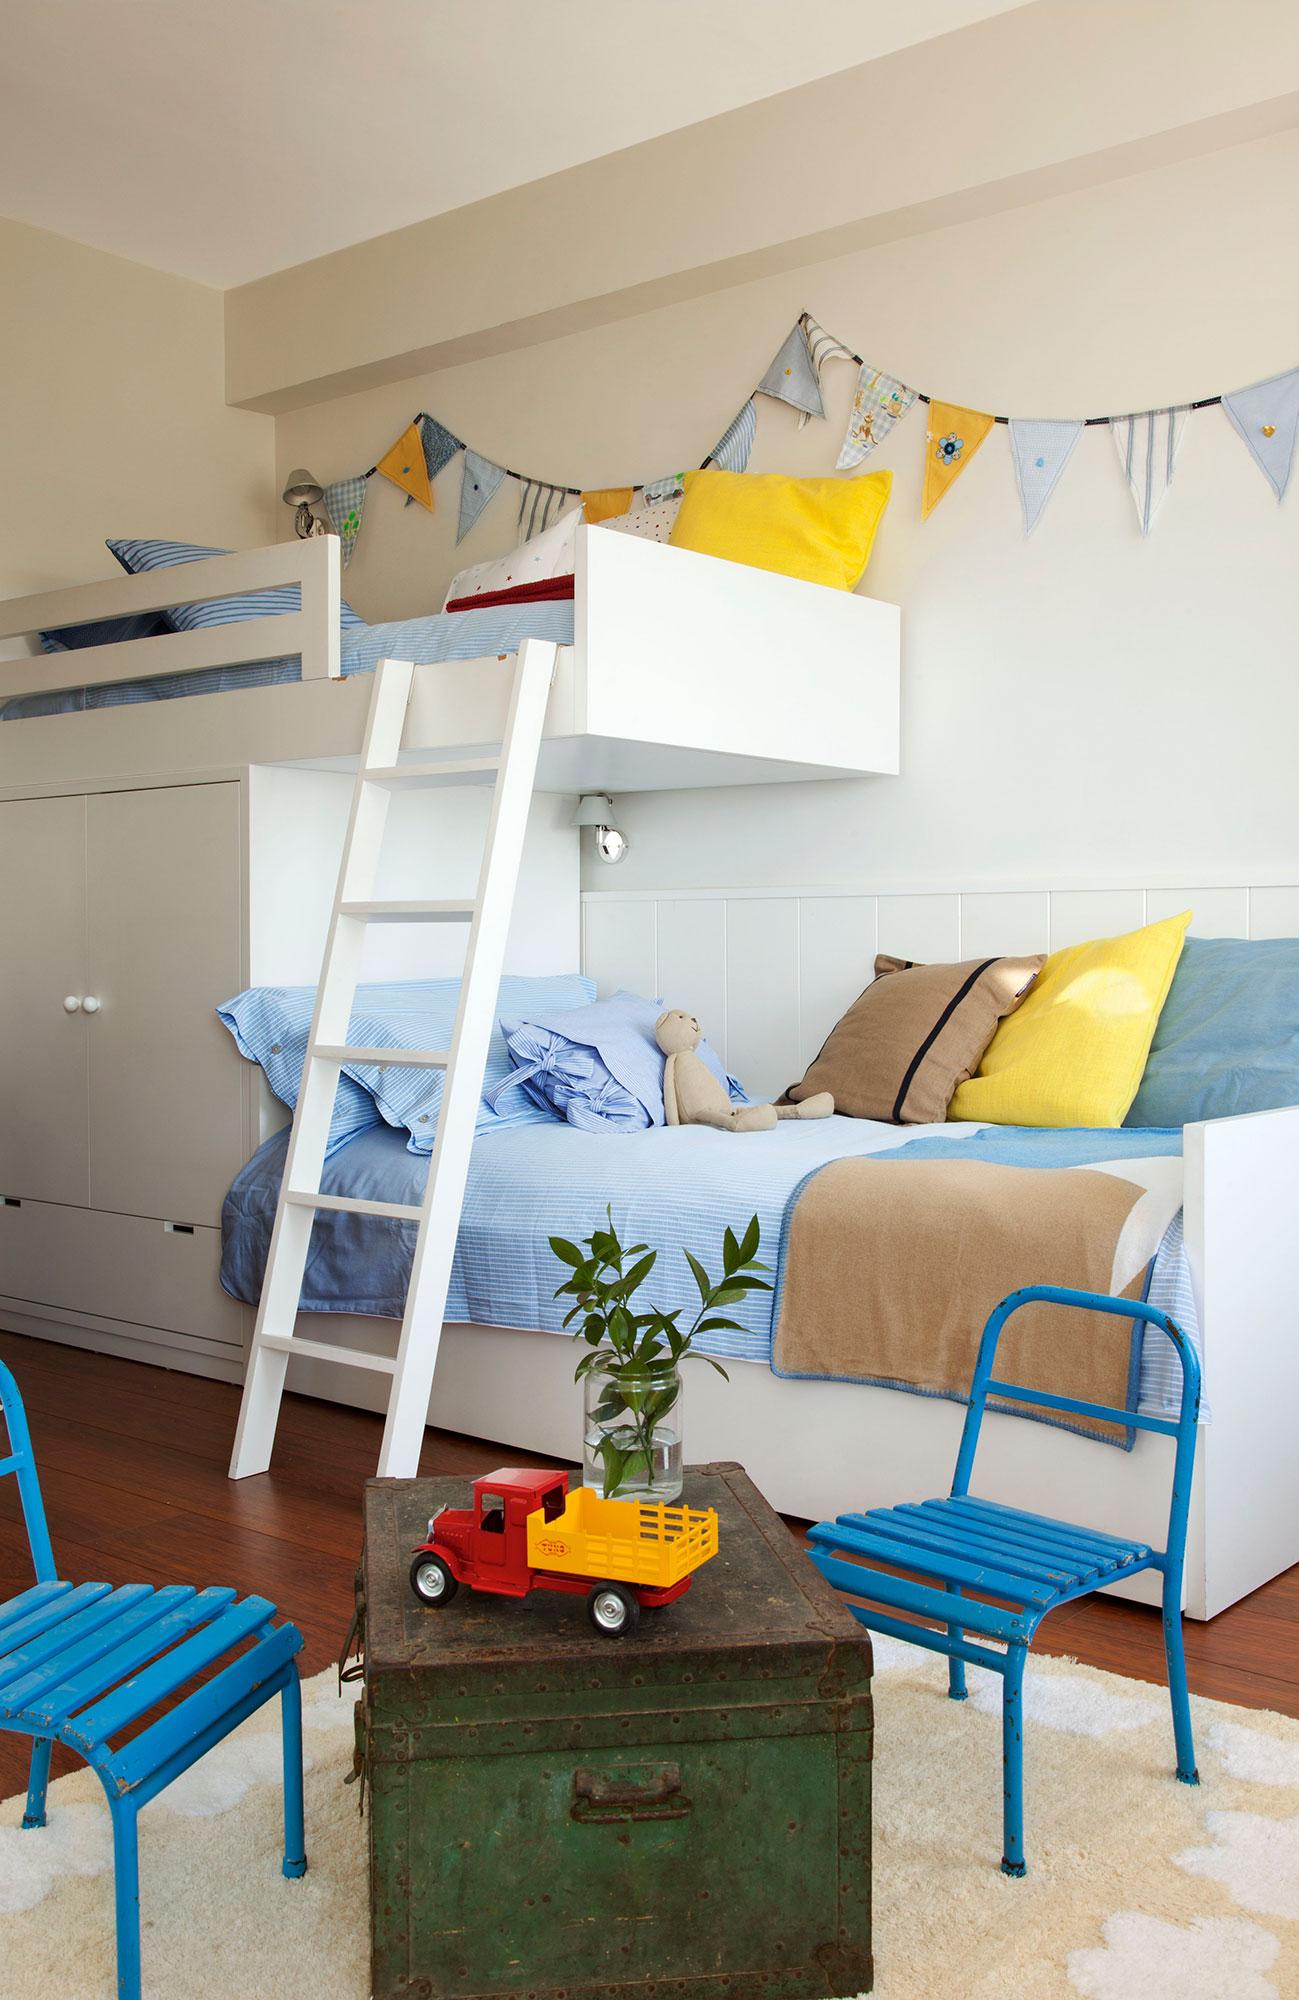 Habitaciones infantiles c mo cambian con el tiempo - Literas tren infantiles ...